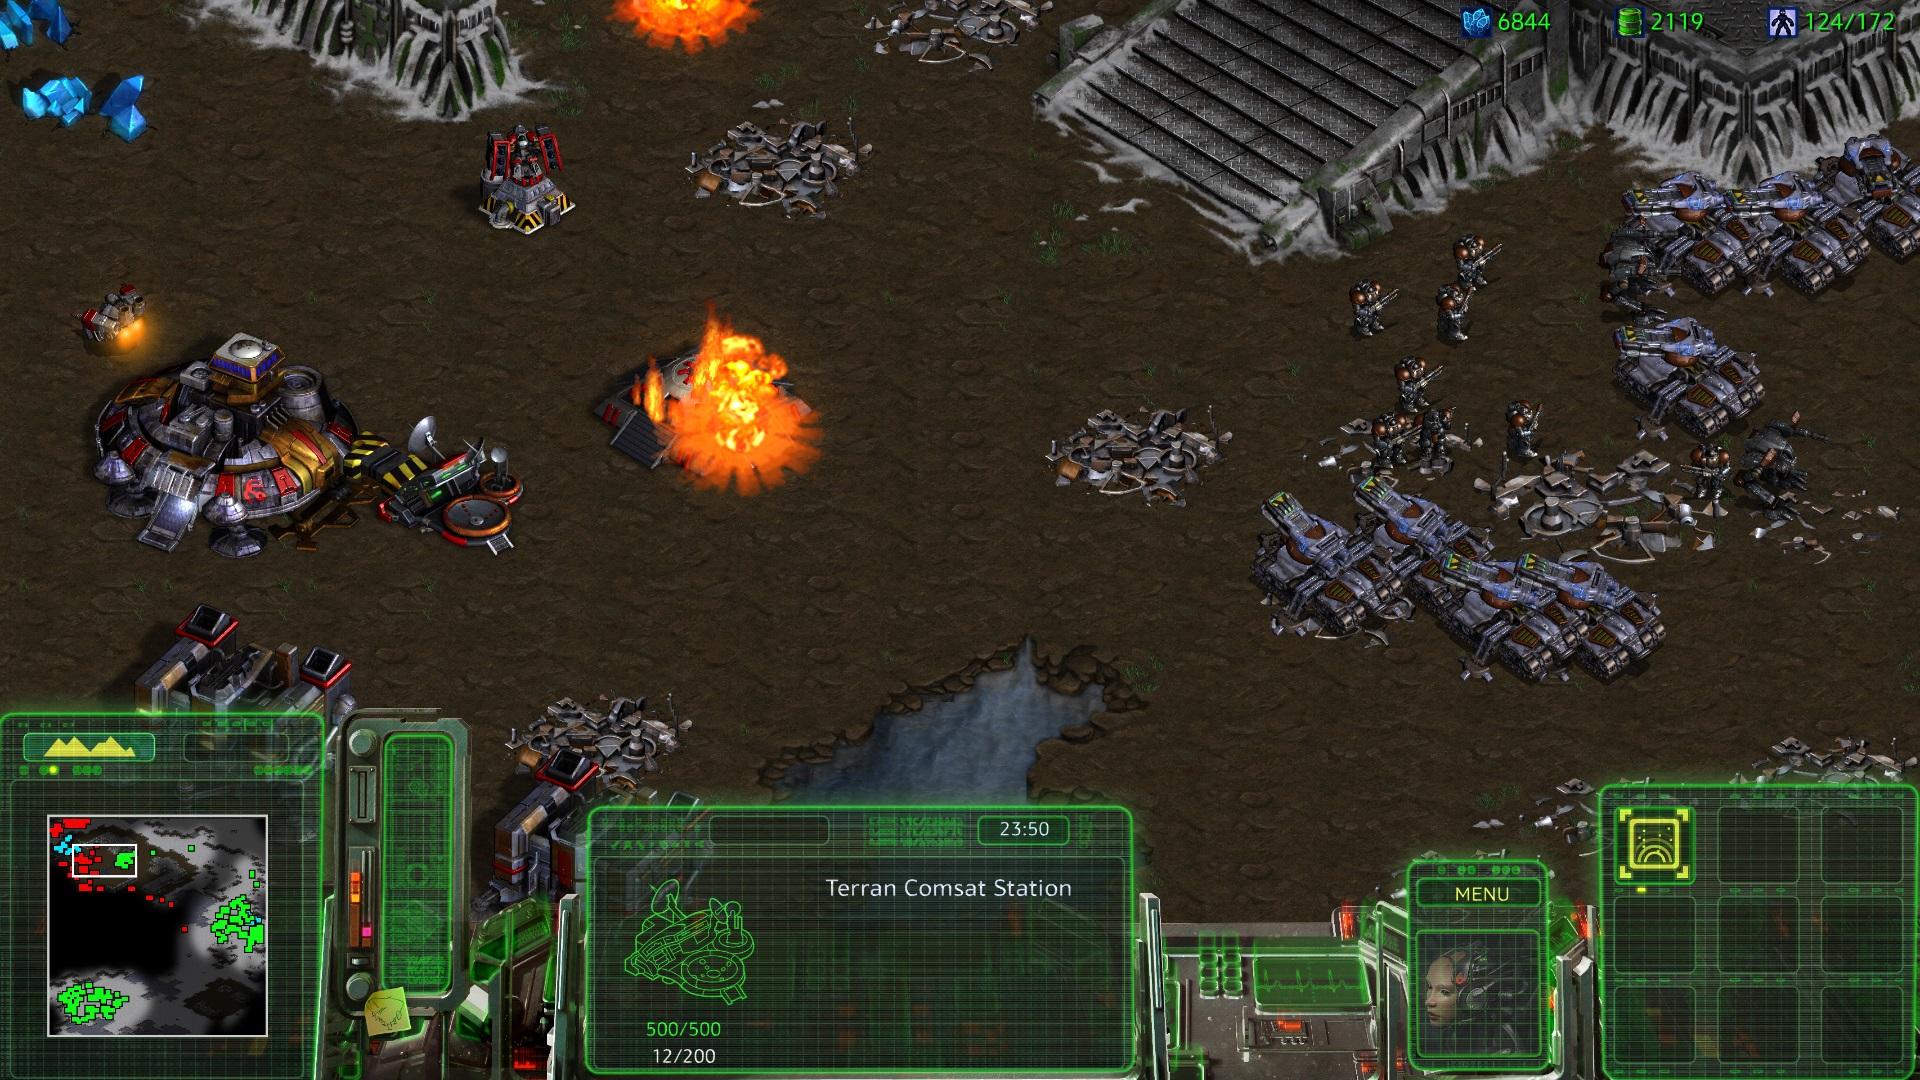 starcraft 2 matchmaking le özvegy útmutató randevú bestseller